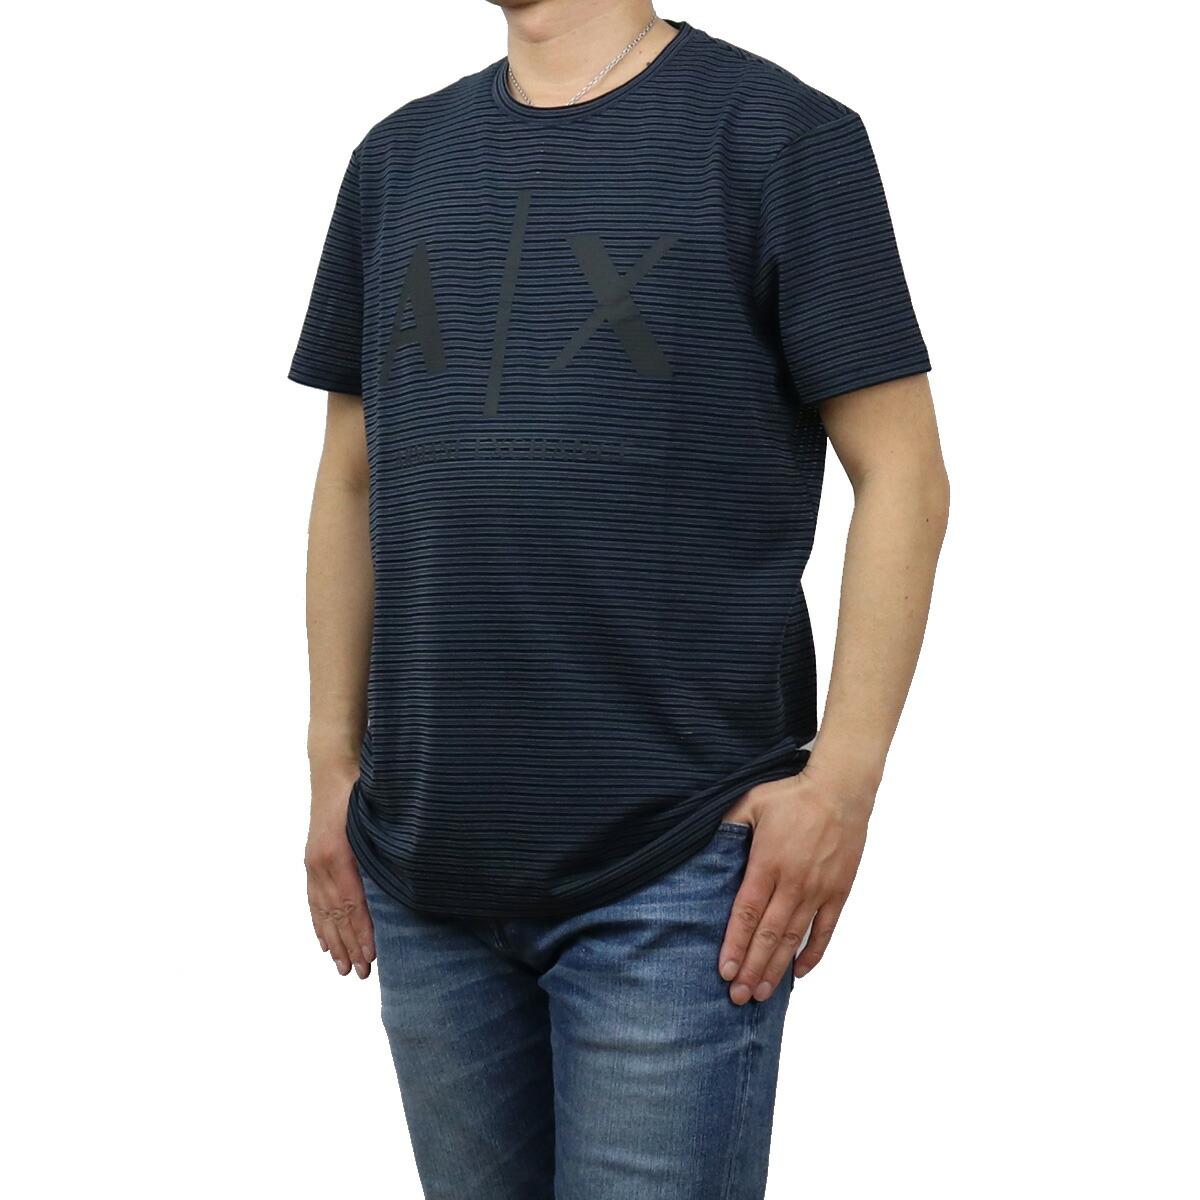 アルマーニエクスチェ ARMANI EXCHANGE メンズ-Tシャツ 3KZMAA ZJKTZ 5560 ネイビー系 apparel-01 ts-01 メンズ